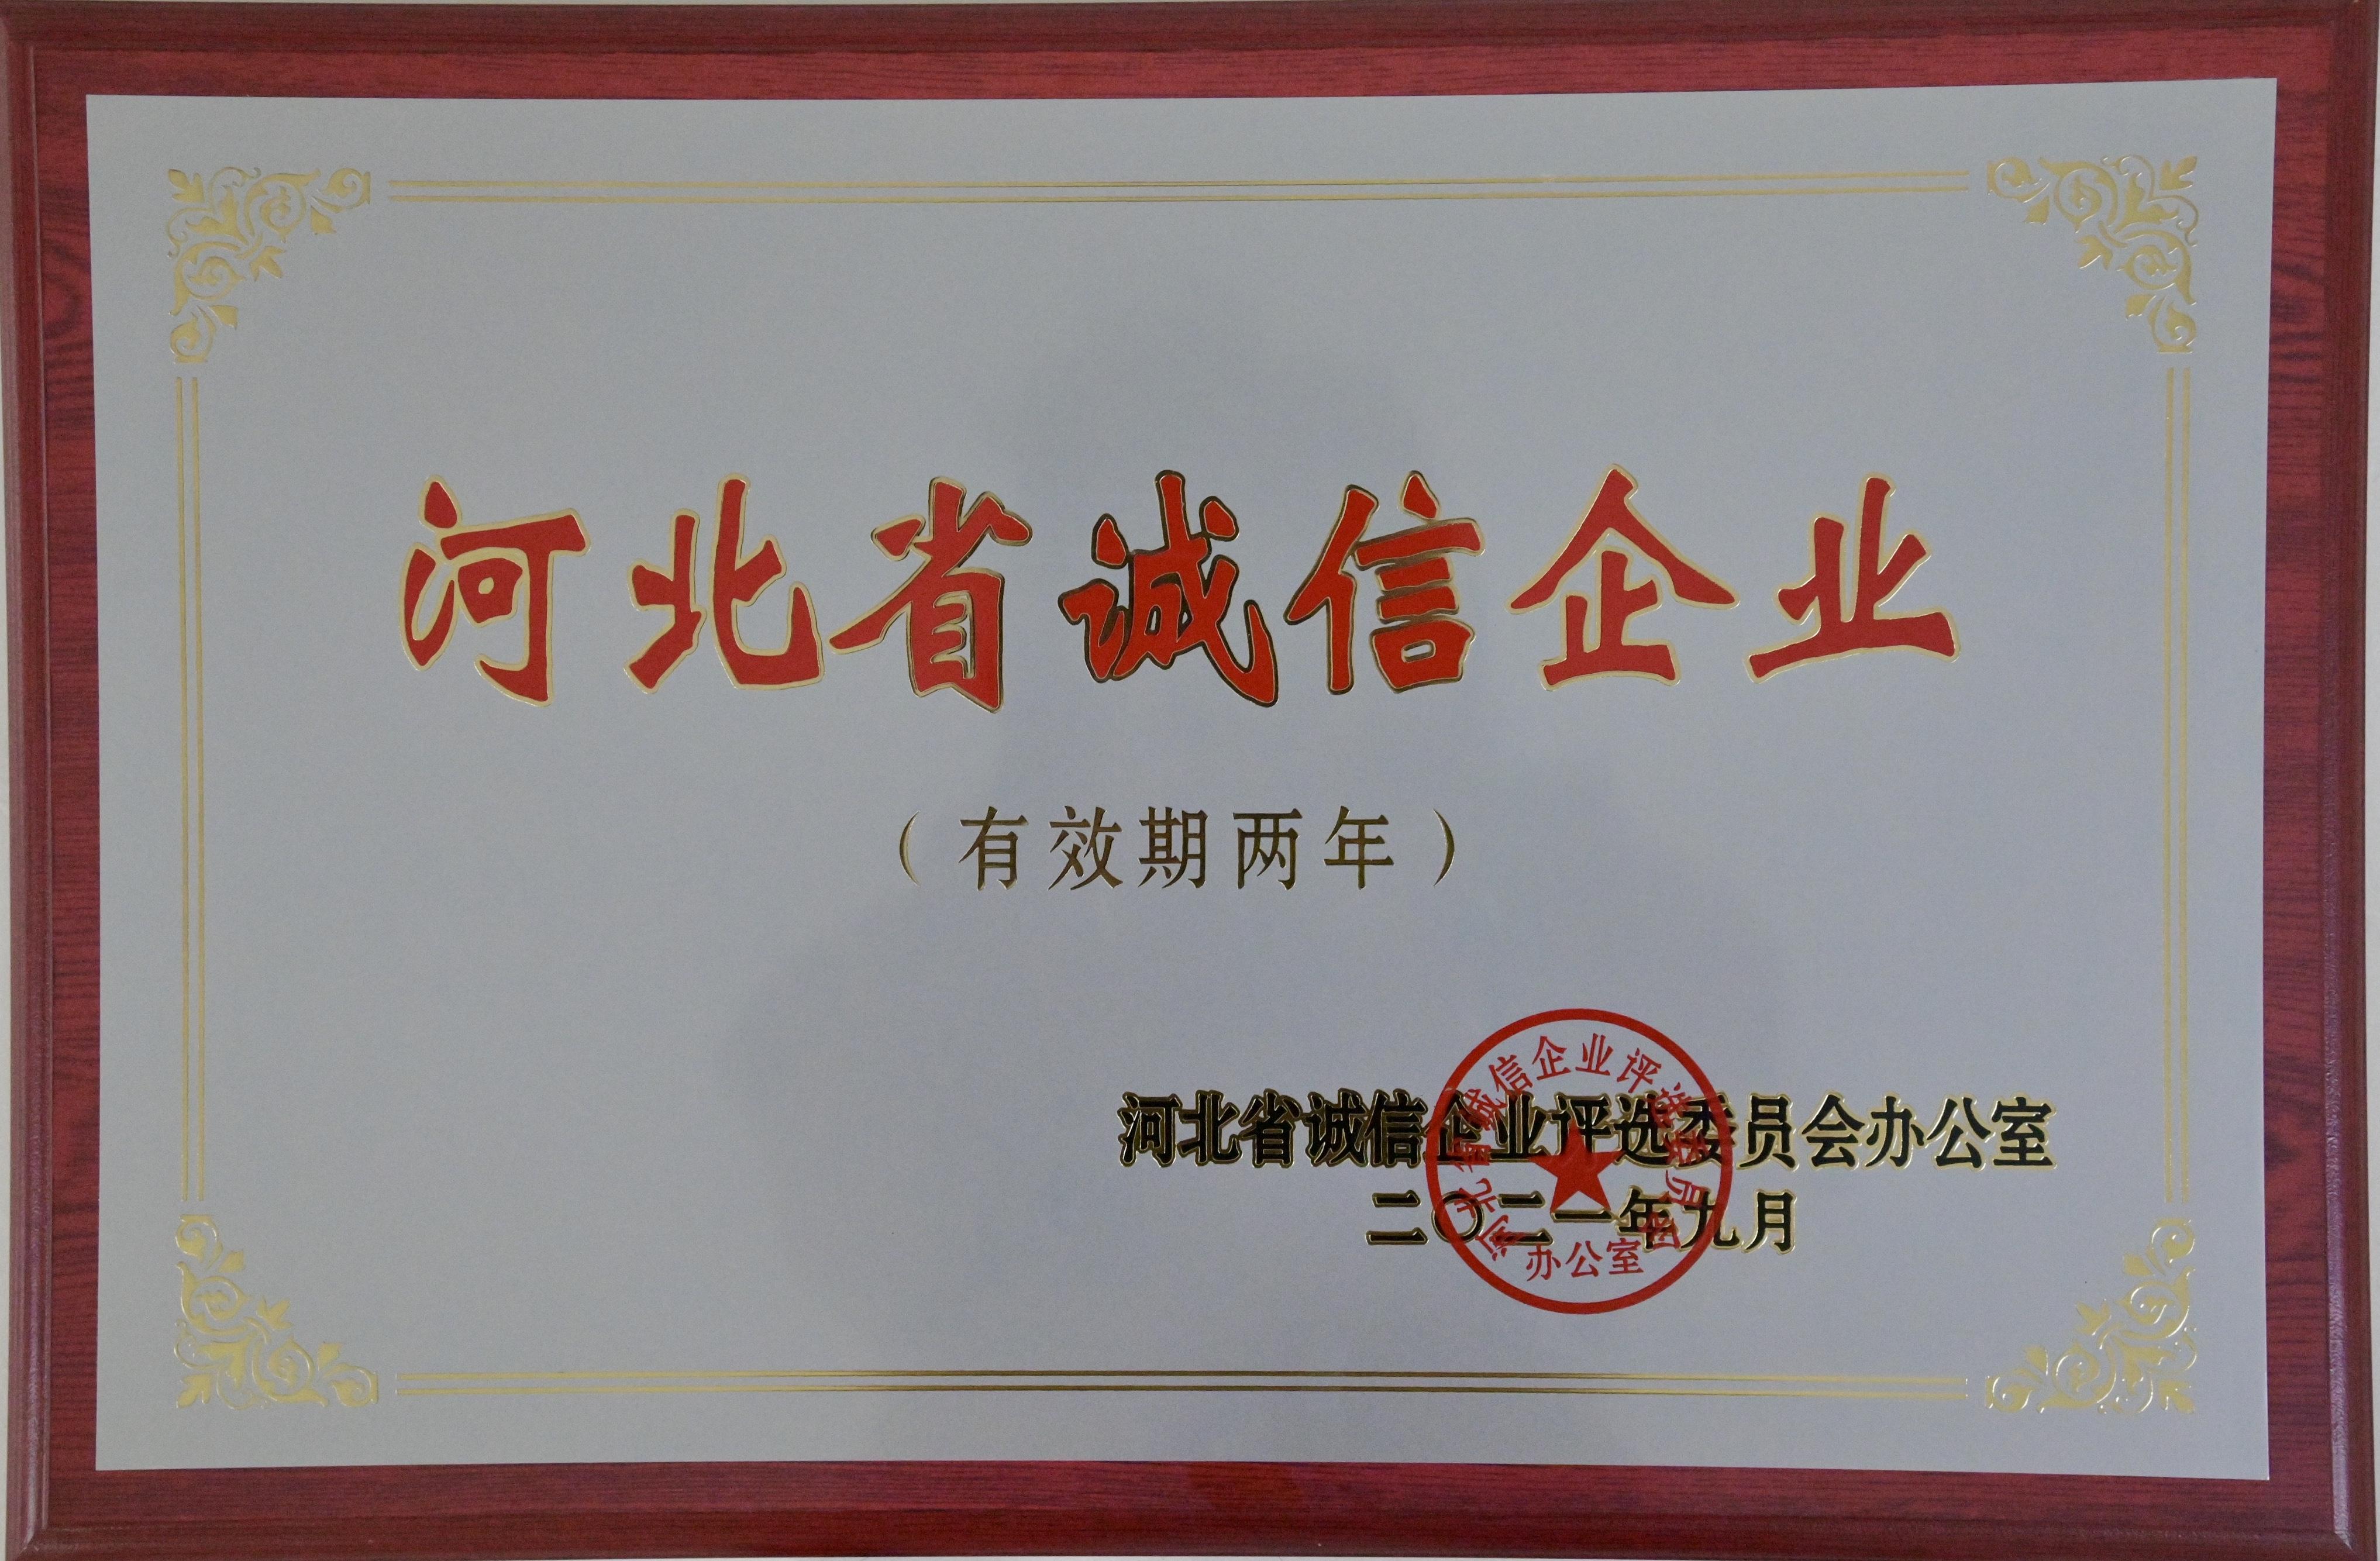 石家莊四藥集團榮膺河北省誠信企業稱號